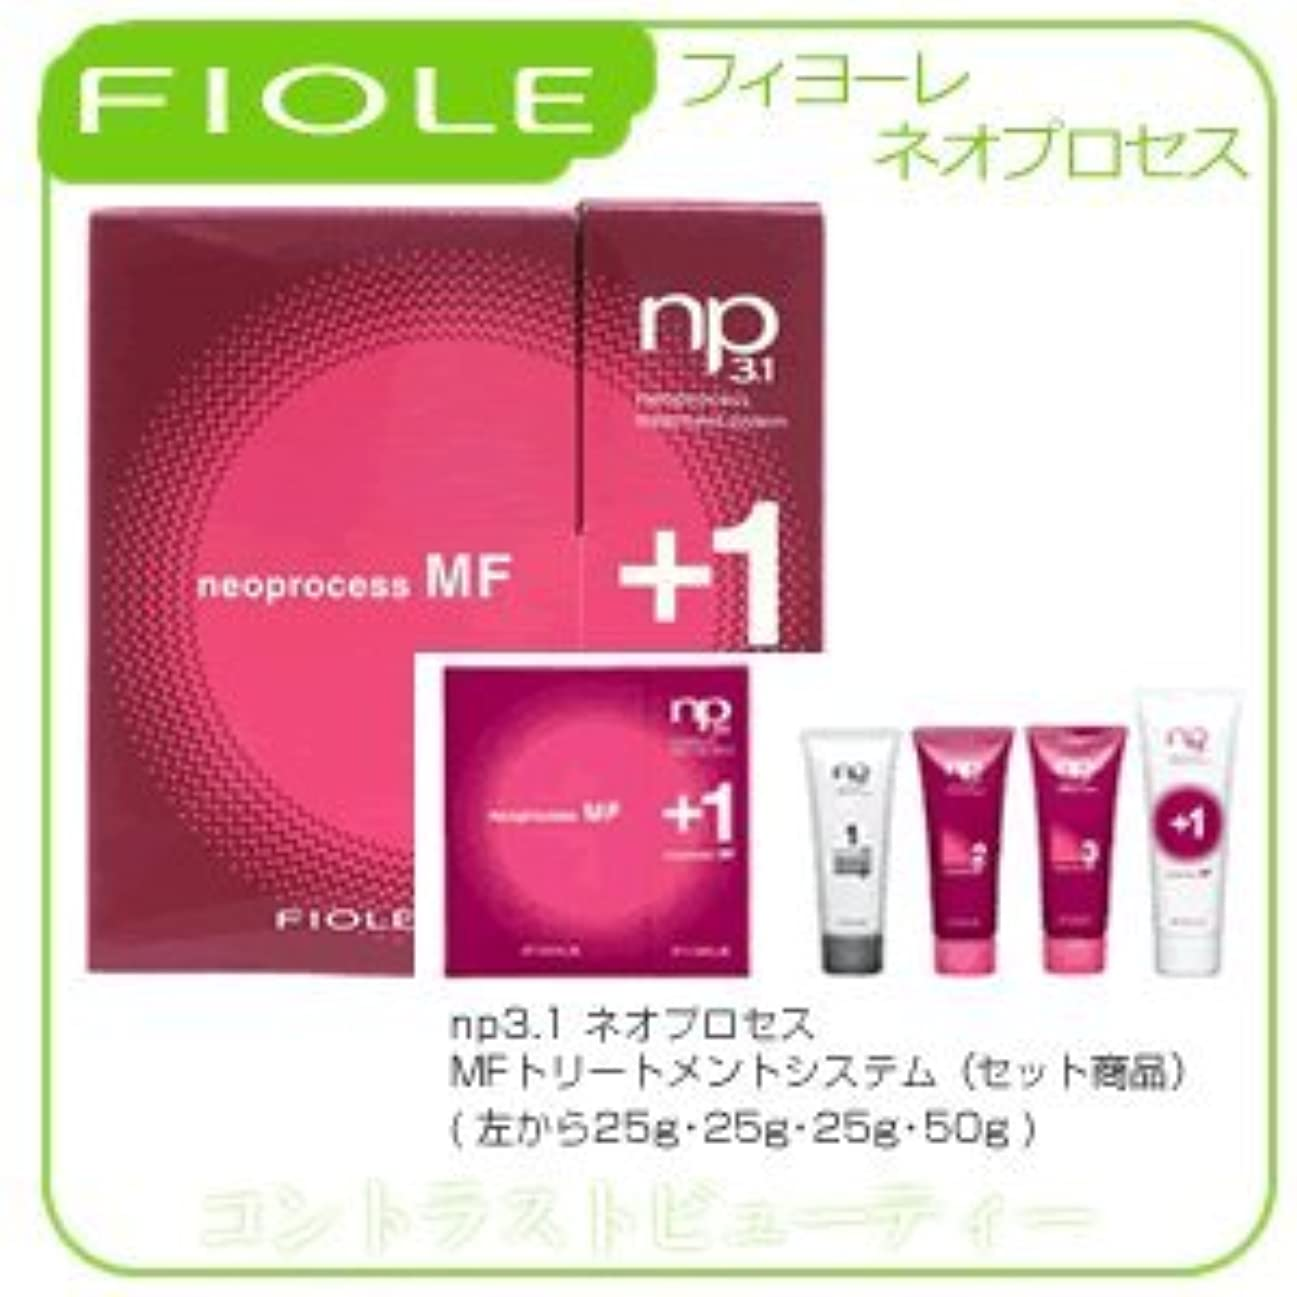 第プロフェッショナル発明【X5個セット】 フィヨーレ NP3.1 ネオプロセス MF トリートメントシステム FIOLE ネオプロセス